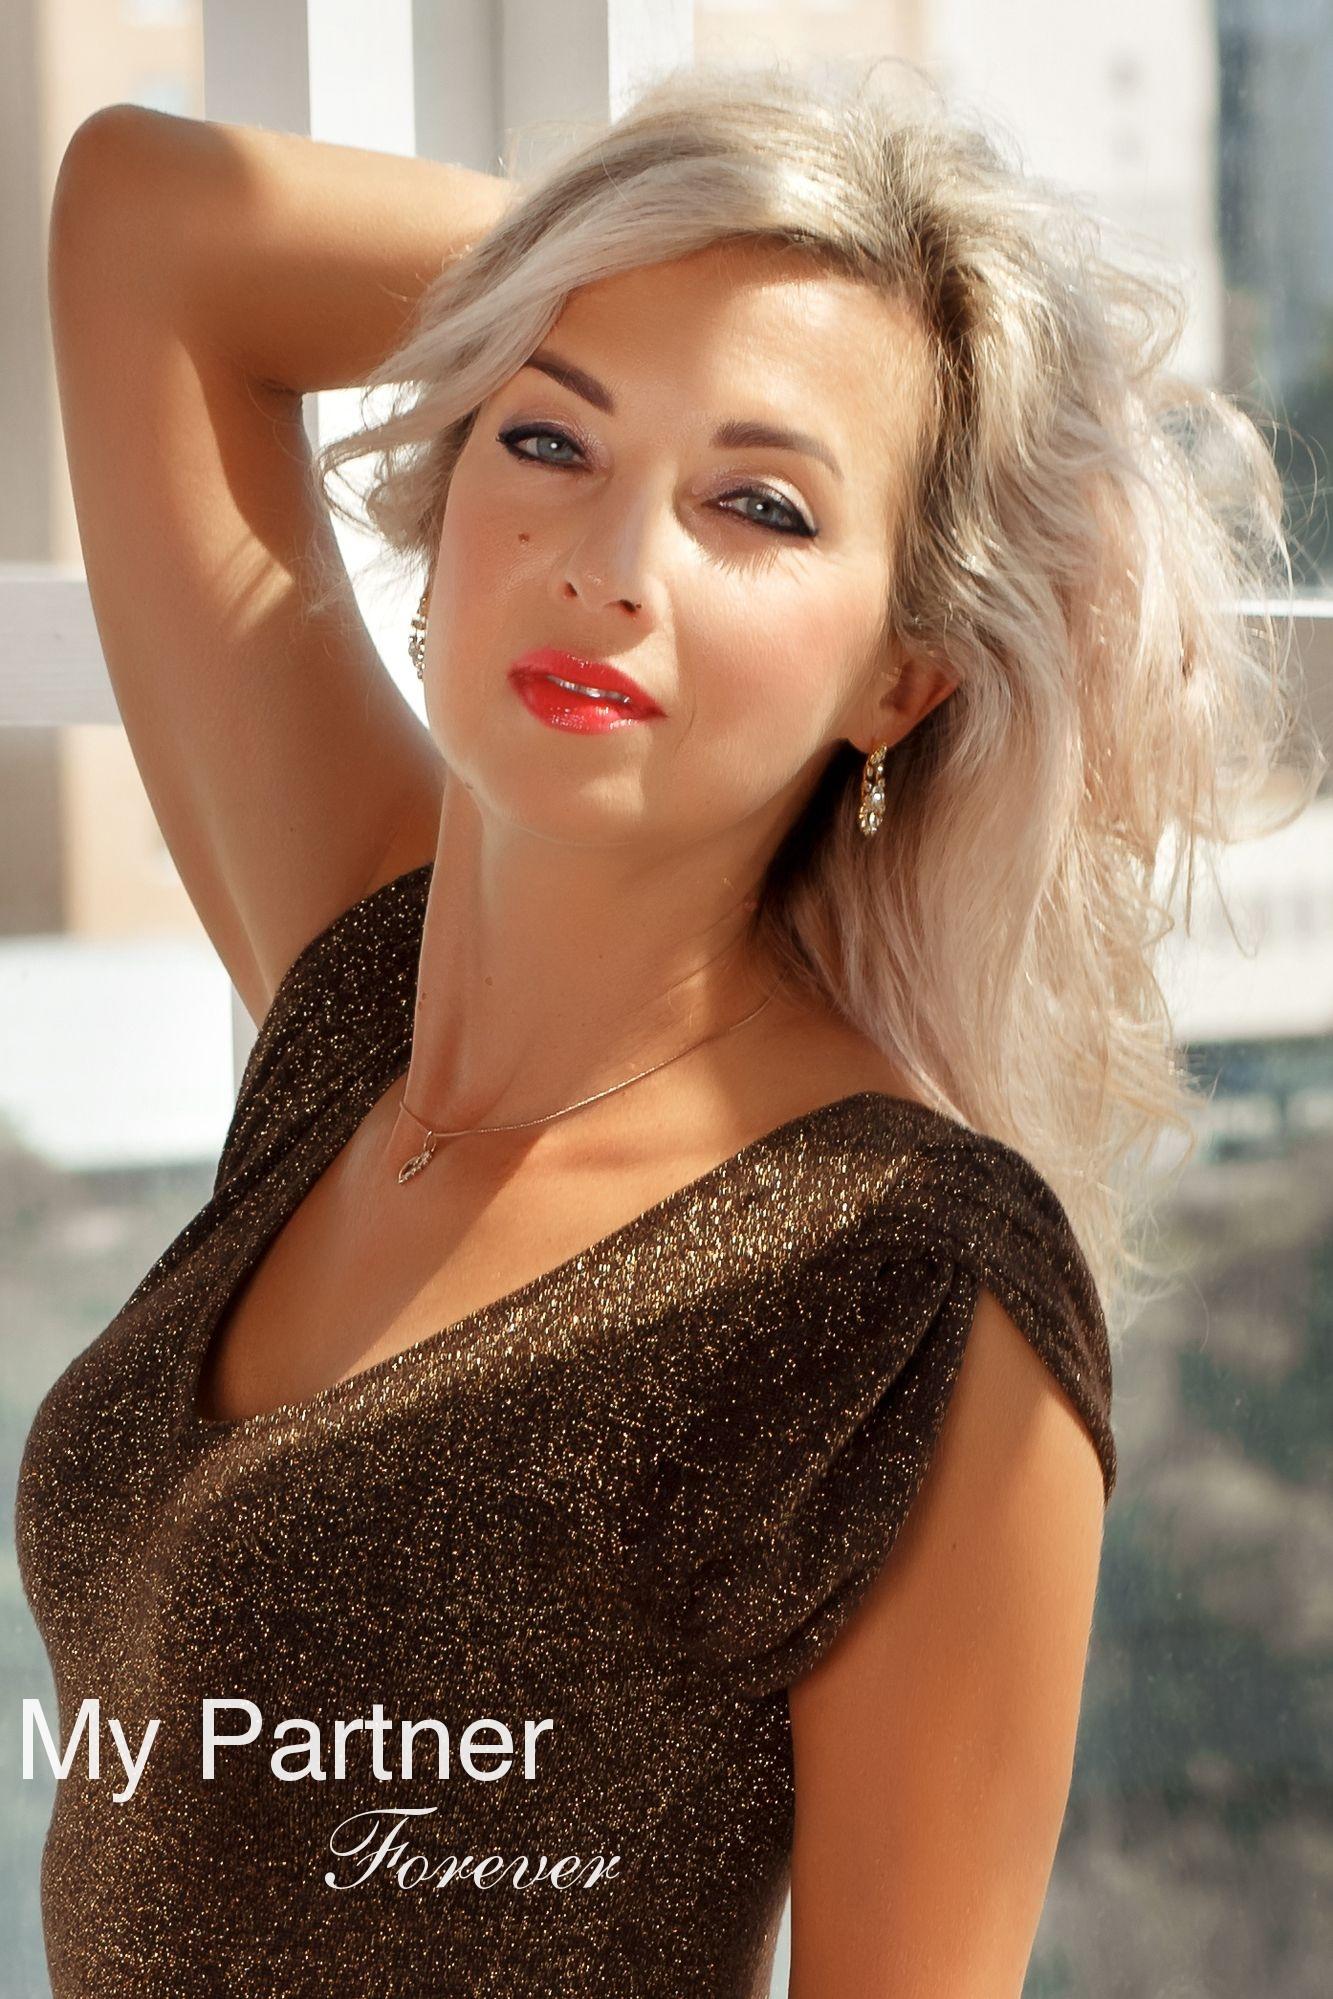 Beautiful Ukrainian Girl Tatiyana from Dniepropetrovsk, Ukraine